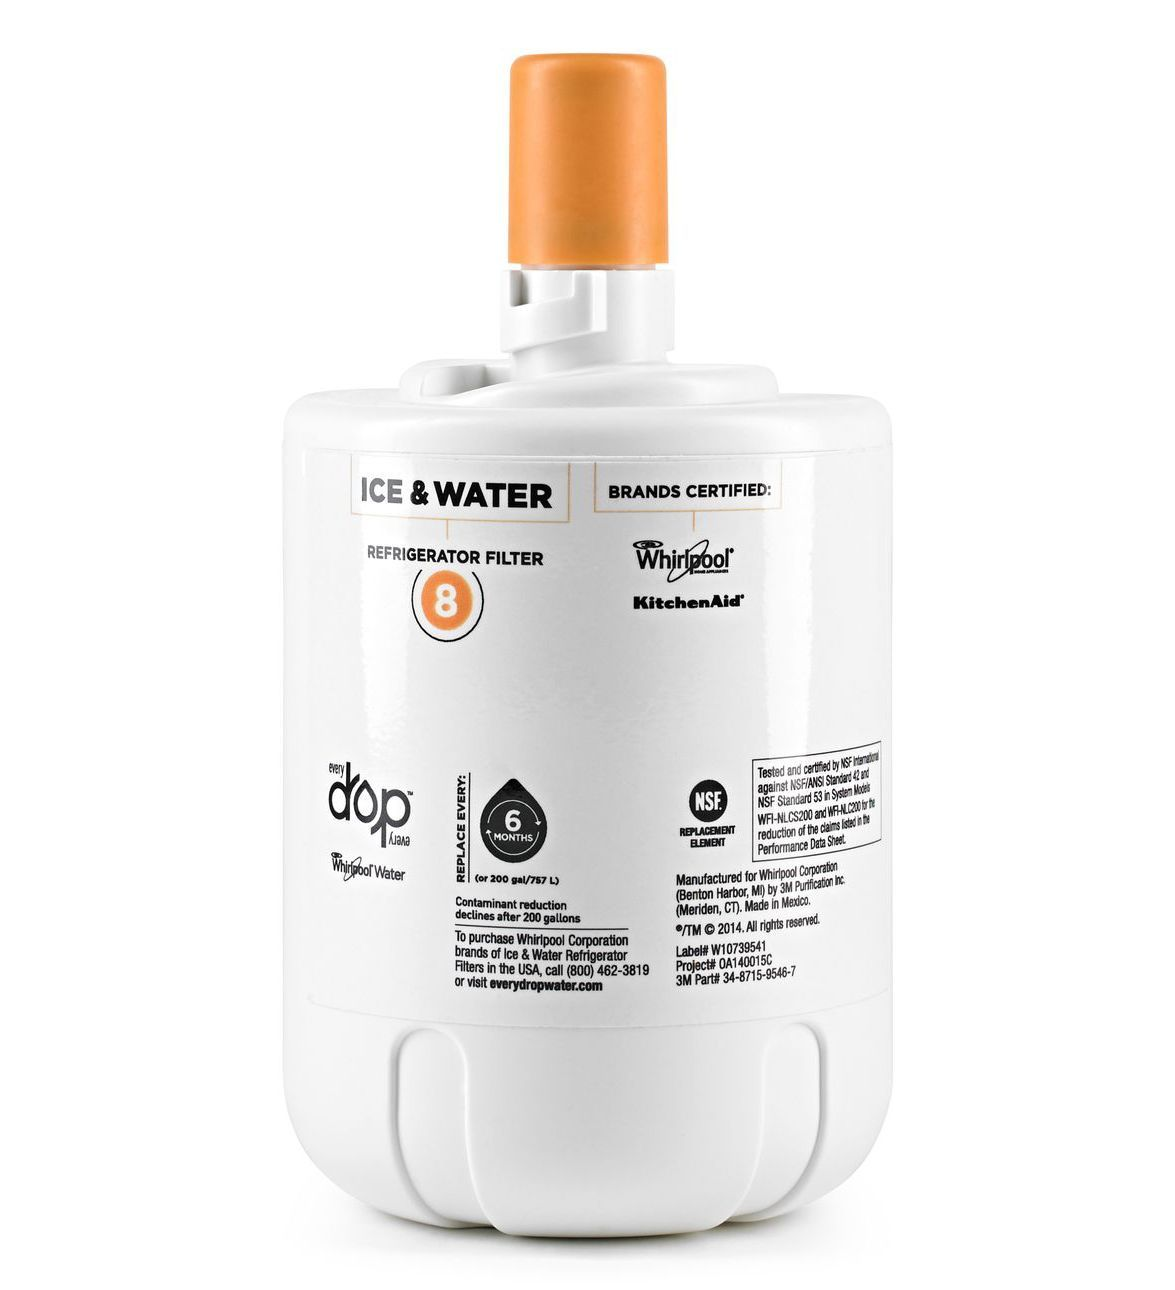 Everydrop edr8d1 whirlpool filter 8 8171413